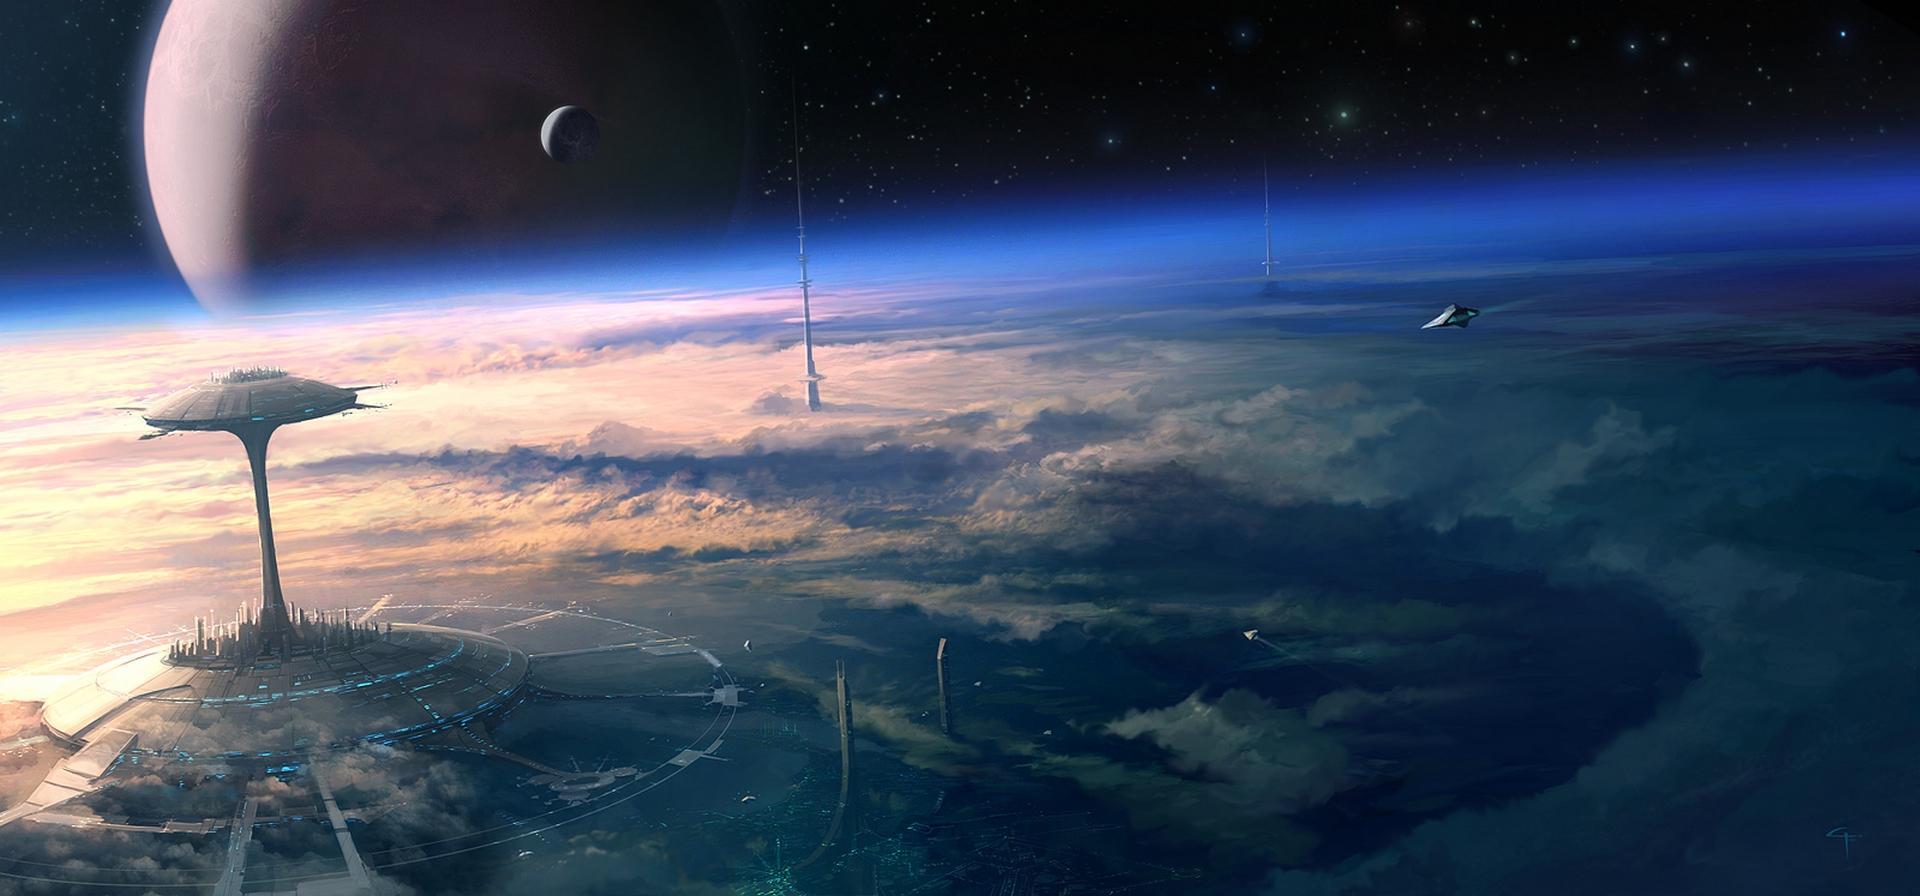 star wars vision de la galaxie